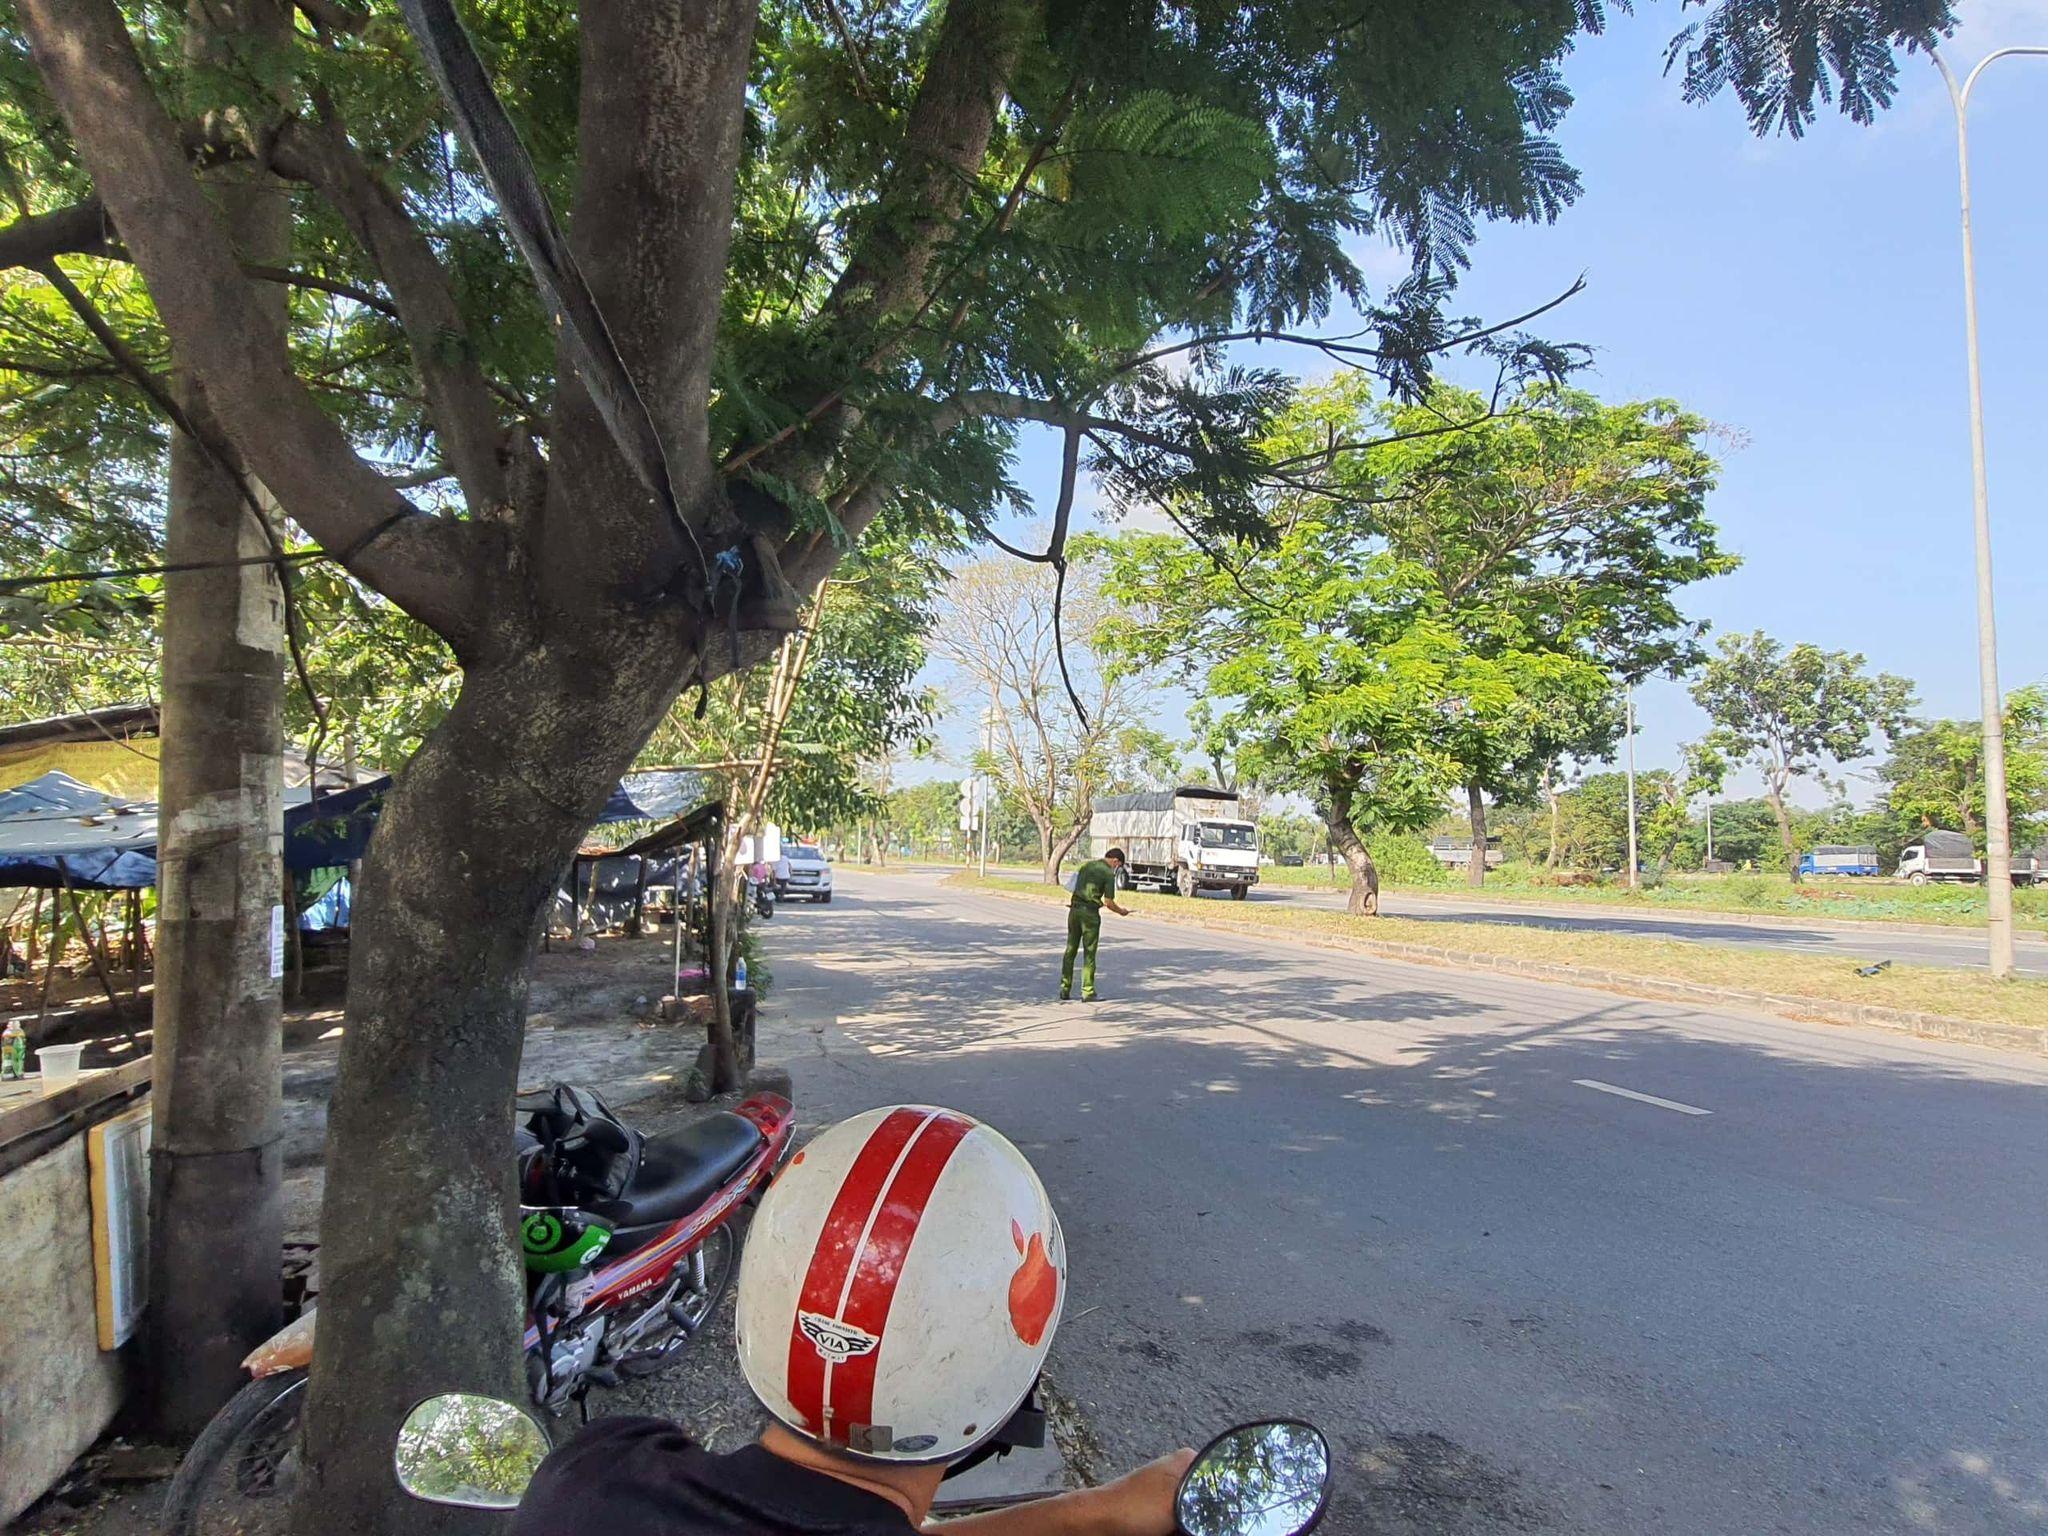 Bắt khẩn cấp 2 chú cháu vây đánh rồi tông ngã CSGT ở Sài Gòn - Ảnh 1.